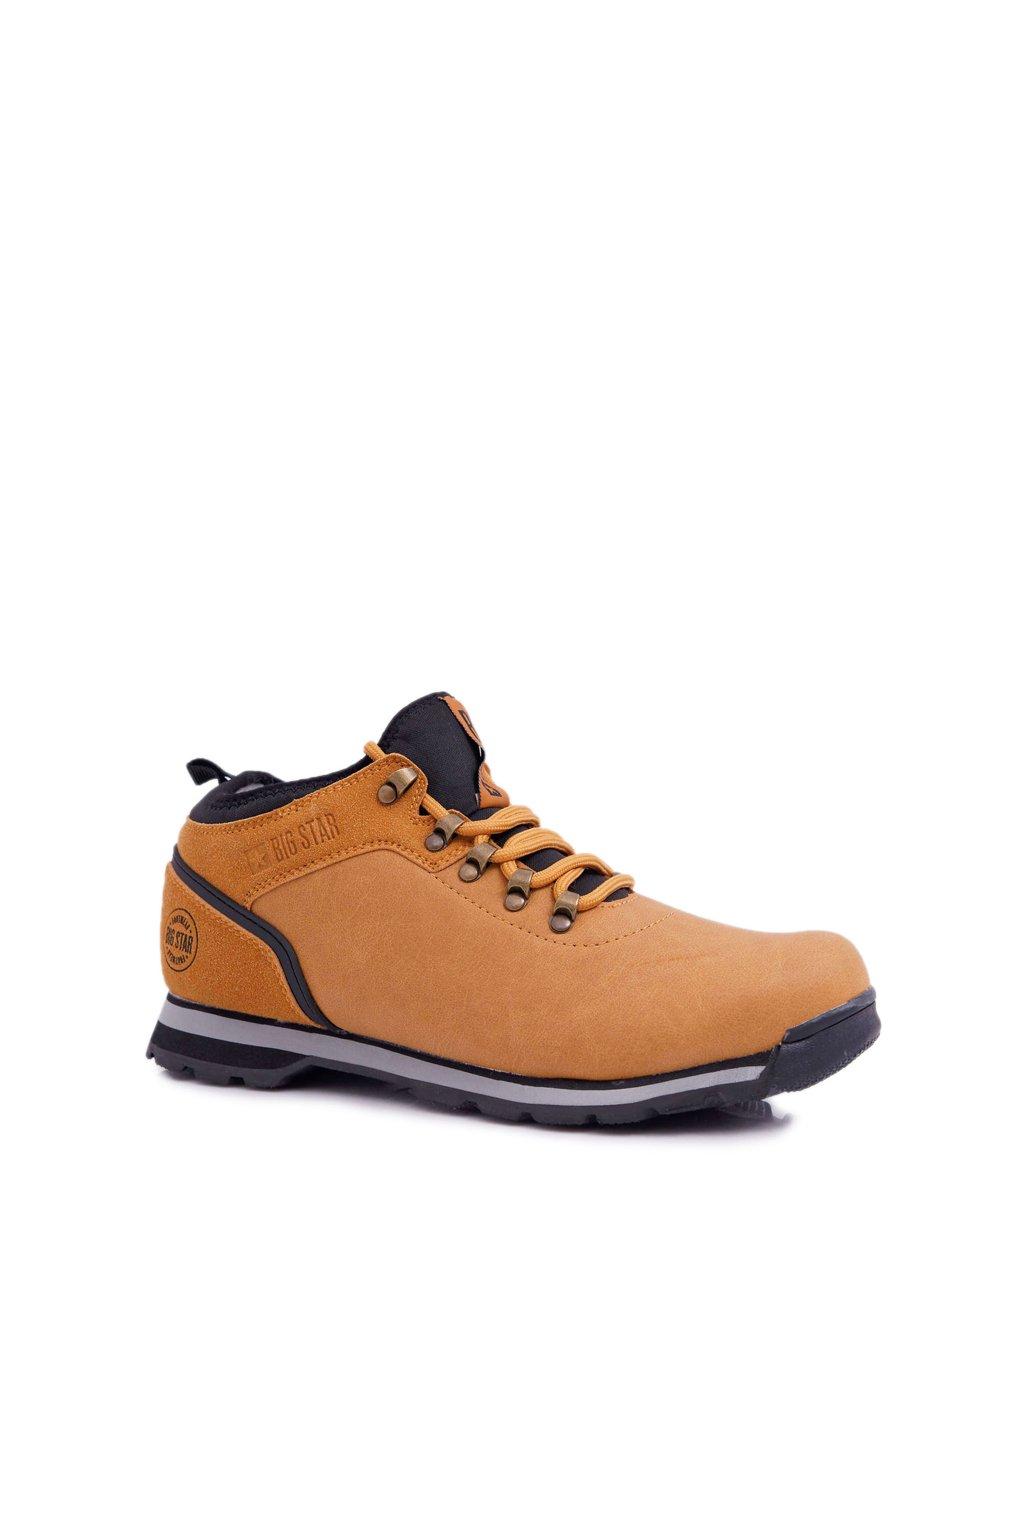 Pánske trekingové topánky farba hnedá kód obuvi EE174442 CAMEL